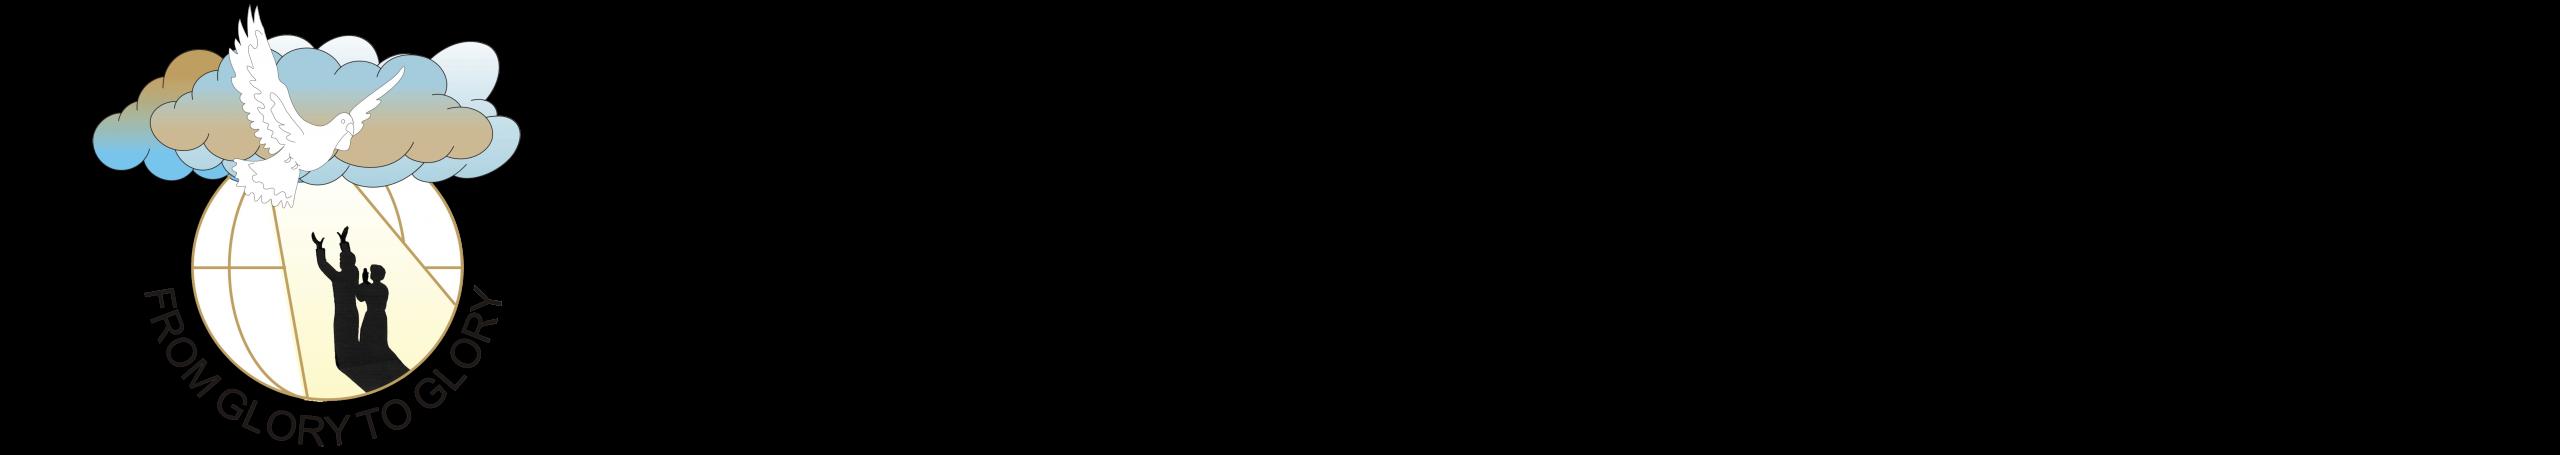 DEFMI.tv